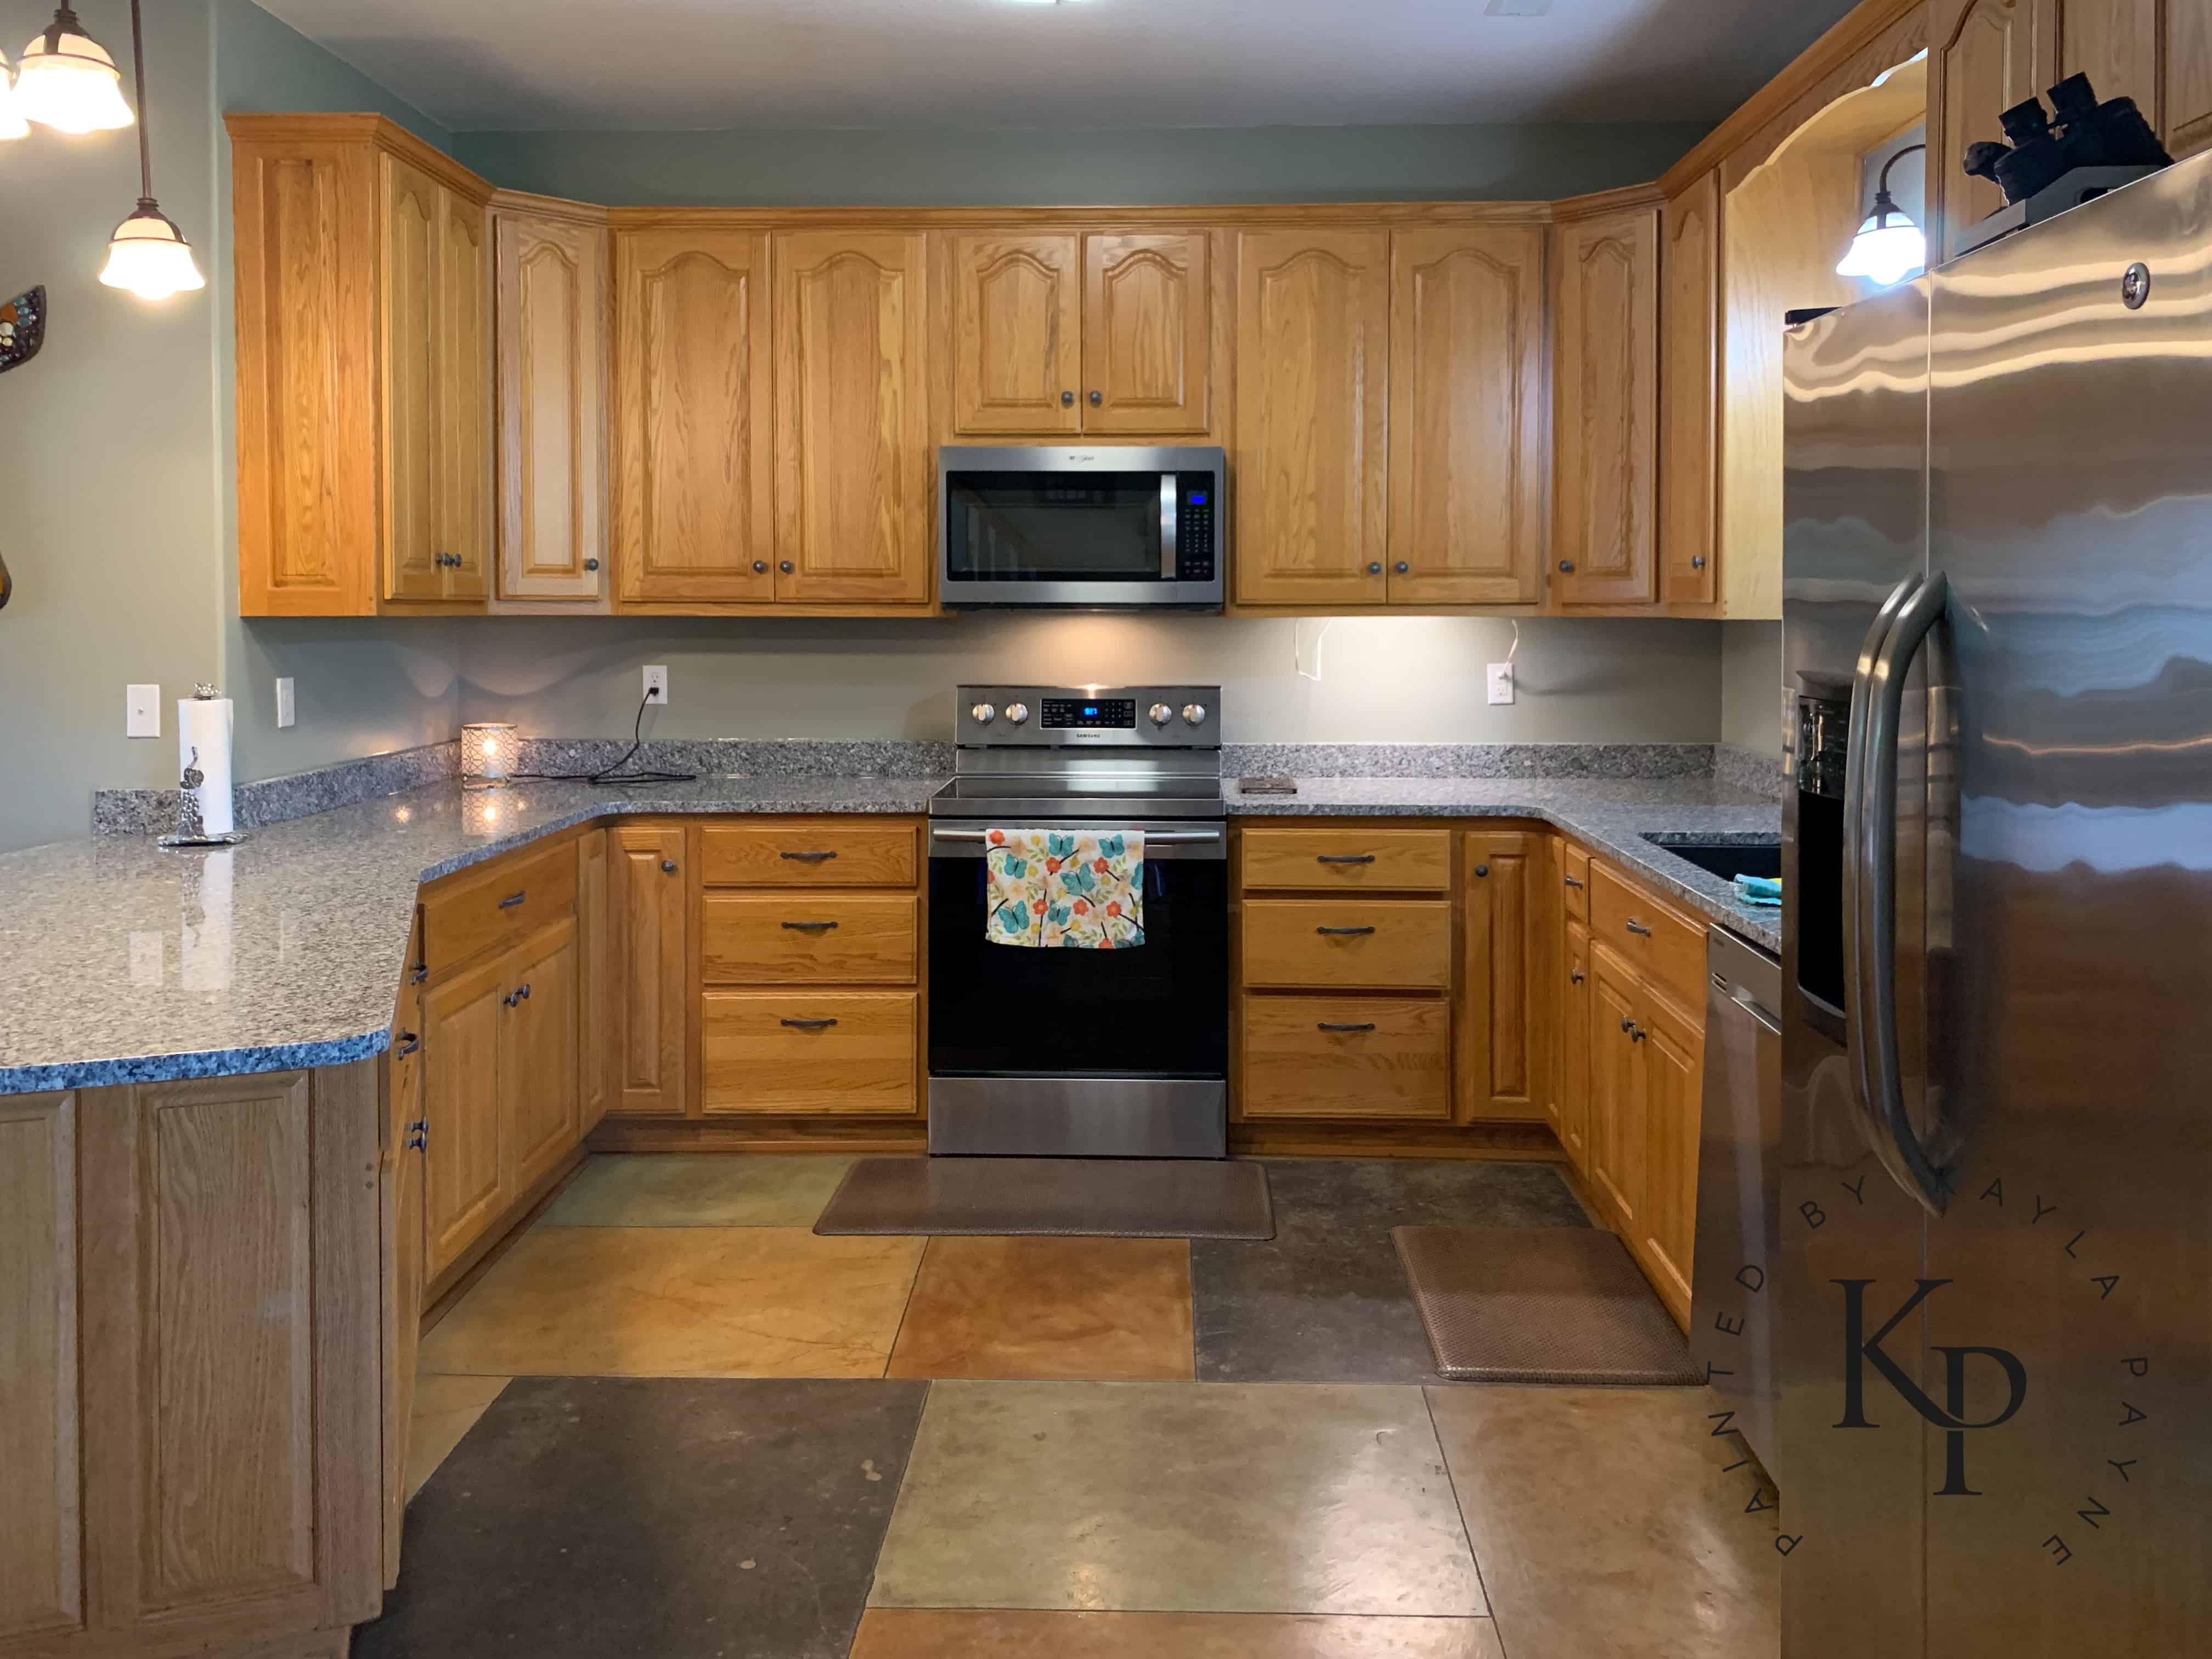 Benjamin Moore Soft Chamois Bye Bye Honey Oak Honey Oak Kitchen Cabinets Oak Kitchen Cabinets How To Paint Oak Painting Kitchen Cabinets Can You Paint Oak Cabinets Can You Paint Wood Cabinets